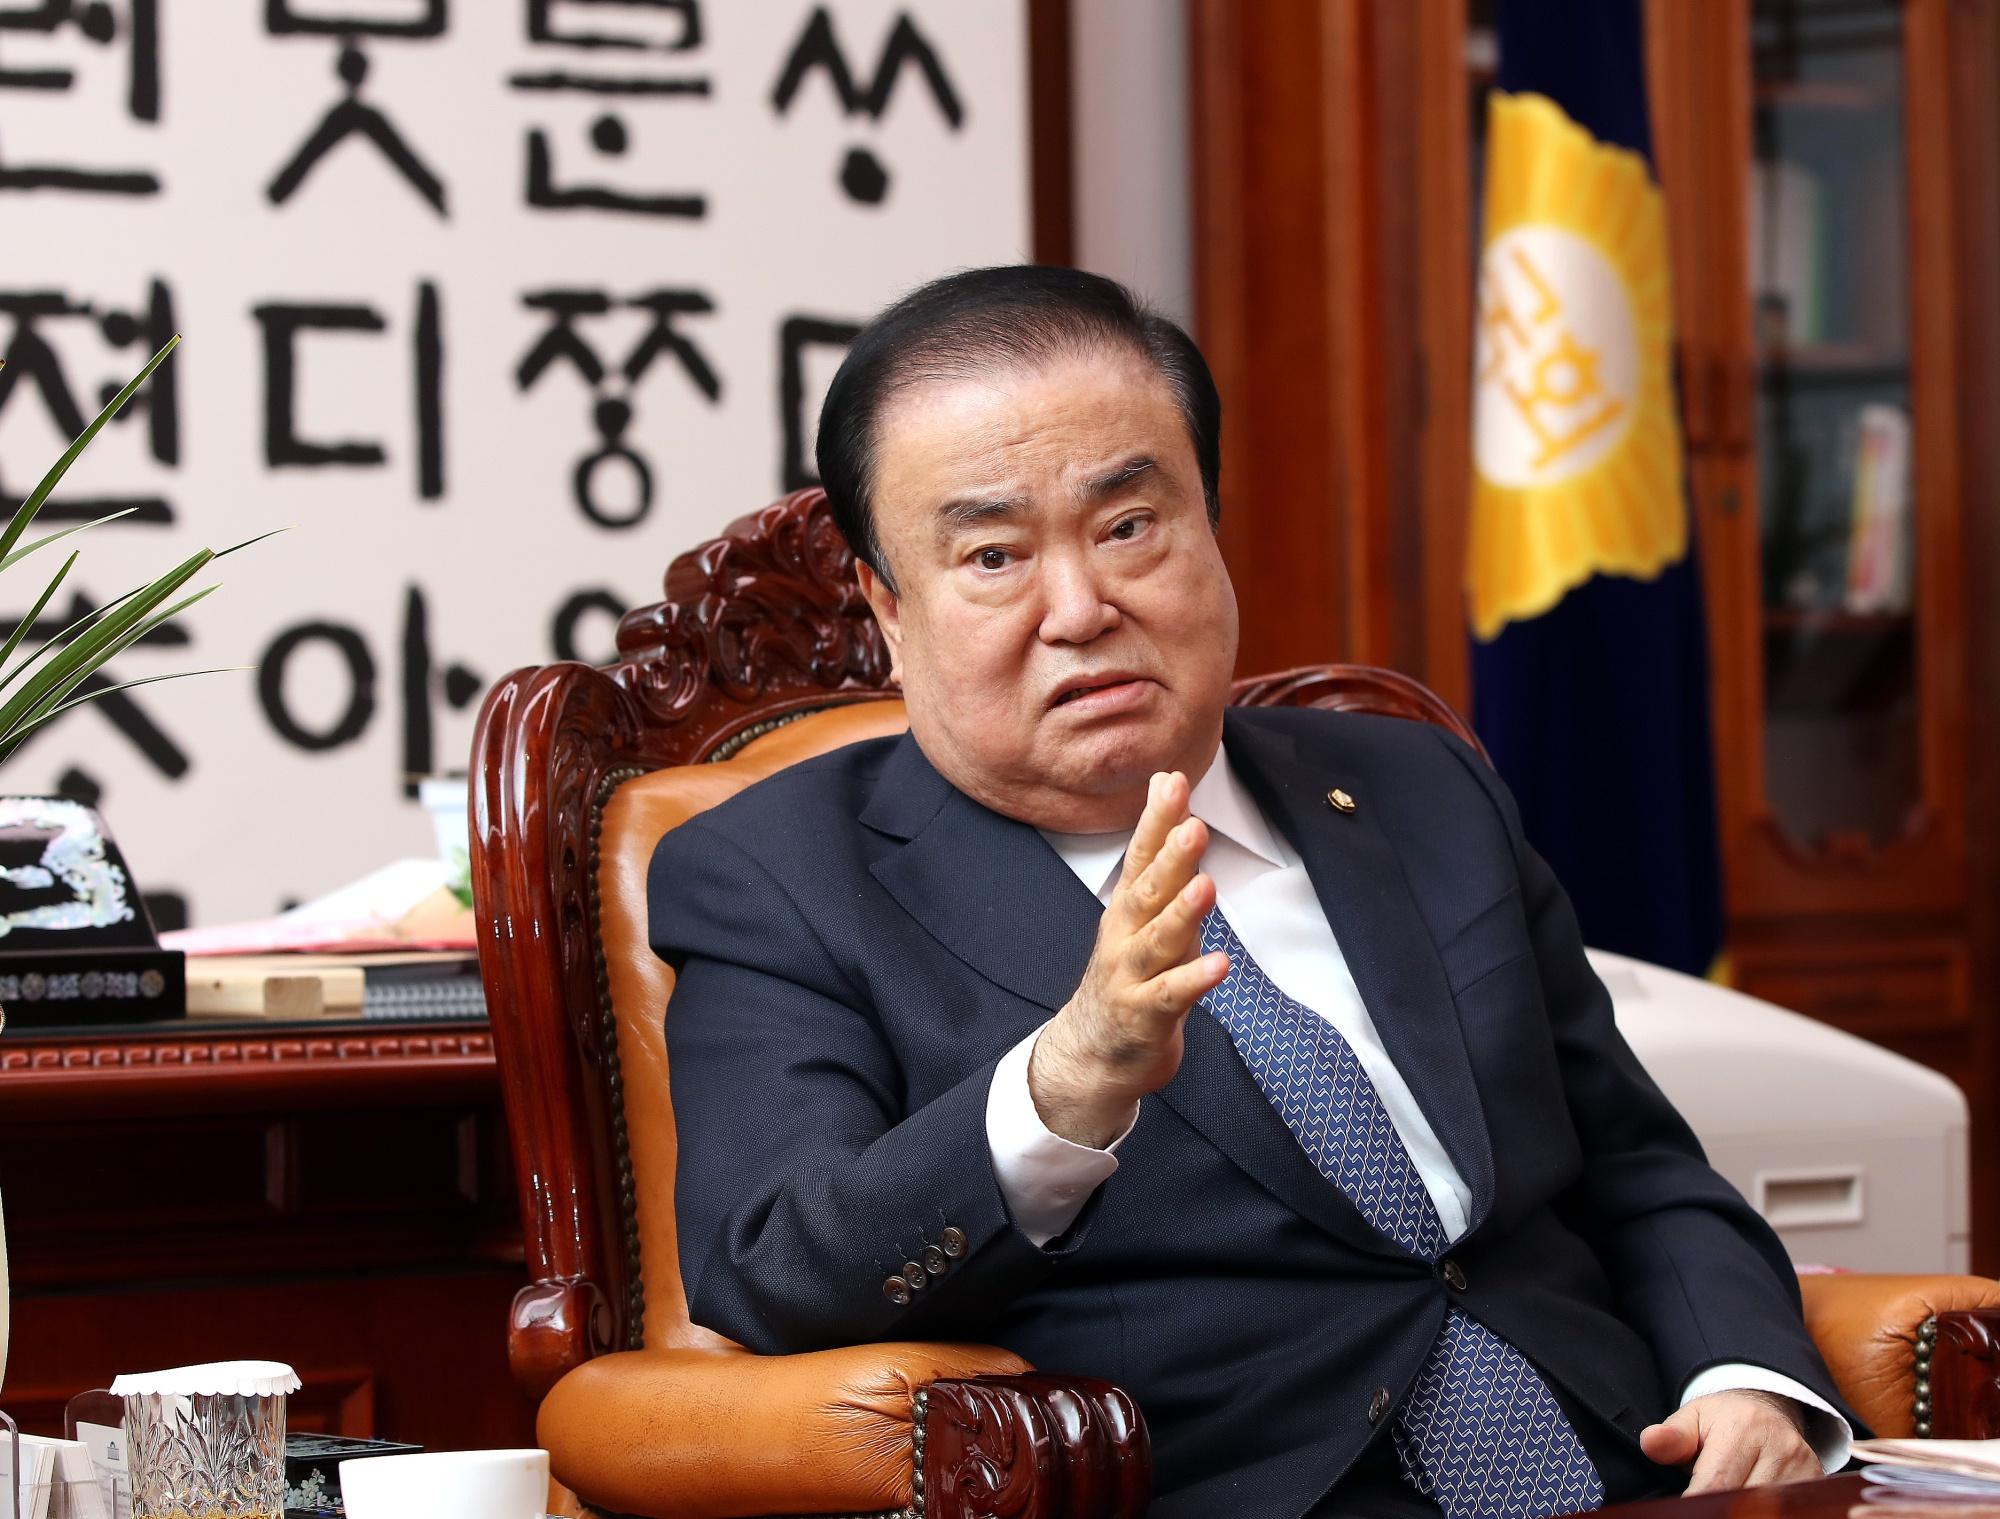 韓国国会議長、「天皇謝罪」要求発言で傷ついた人々に謝罪-聯合 ...